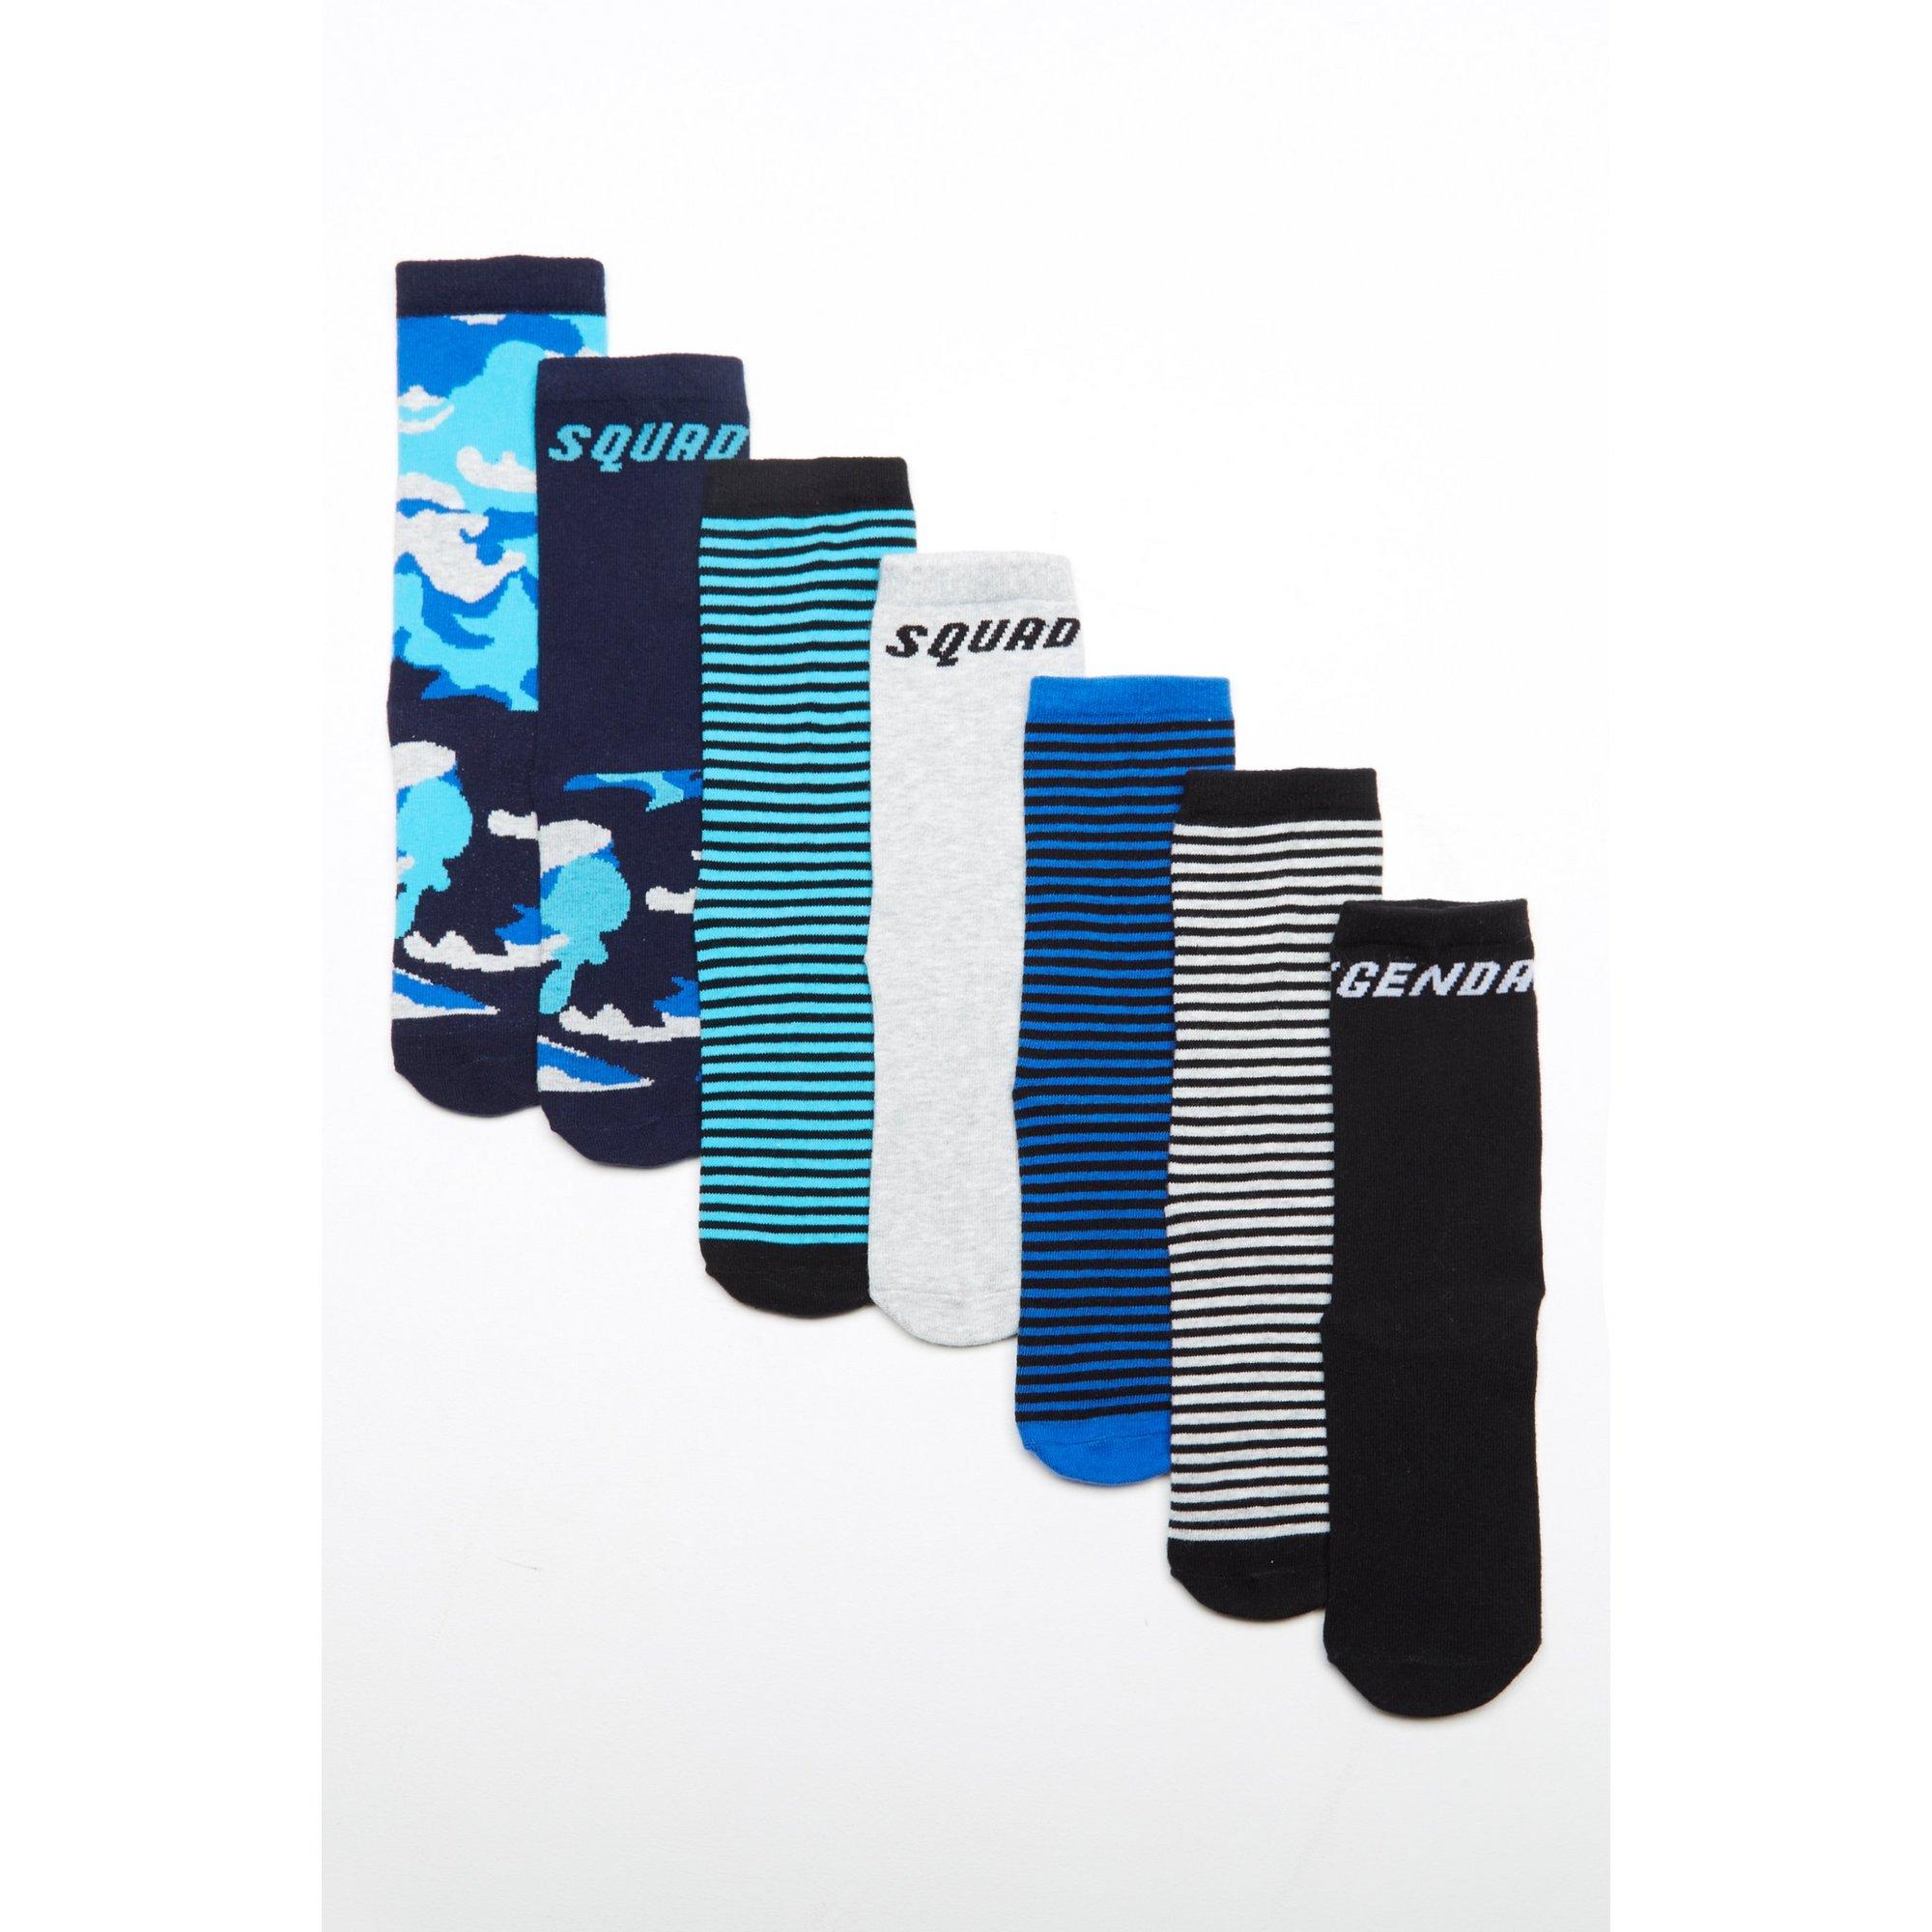 Image of Boys Pack of 7 Legendary Squad Socks